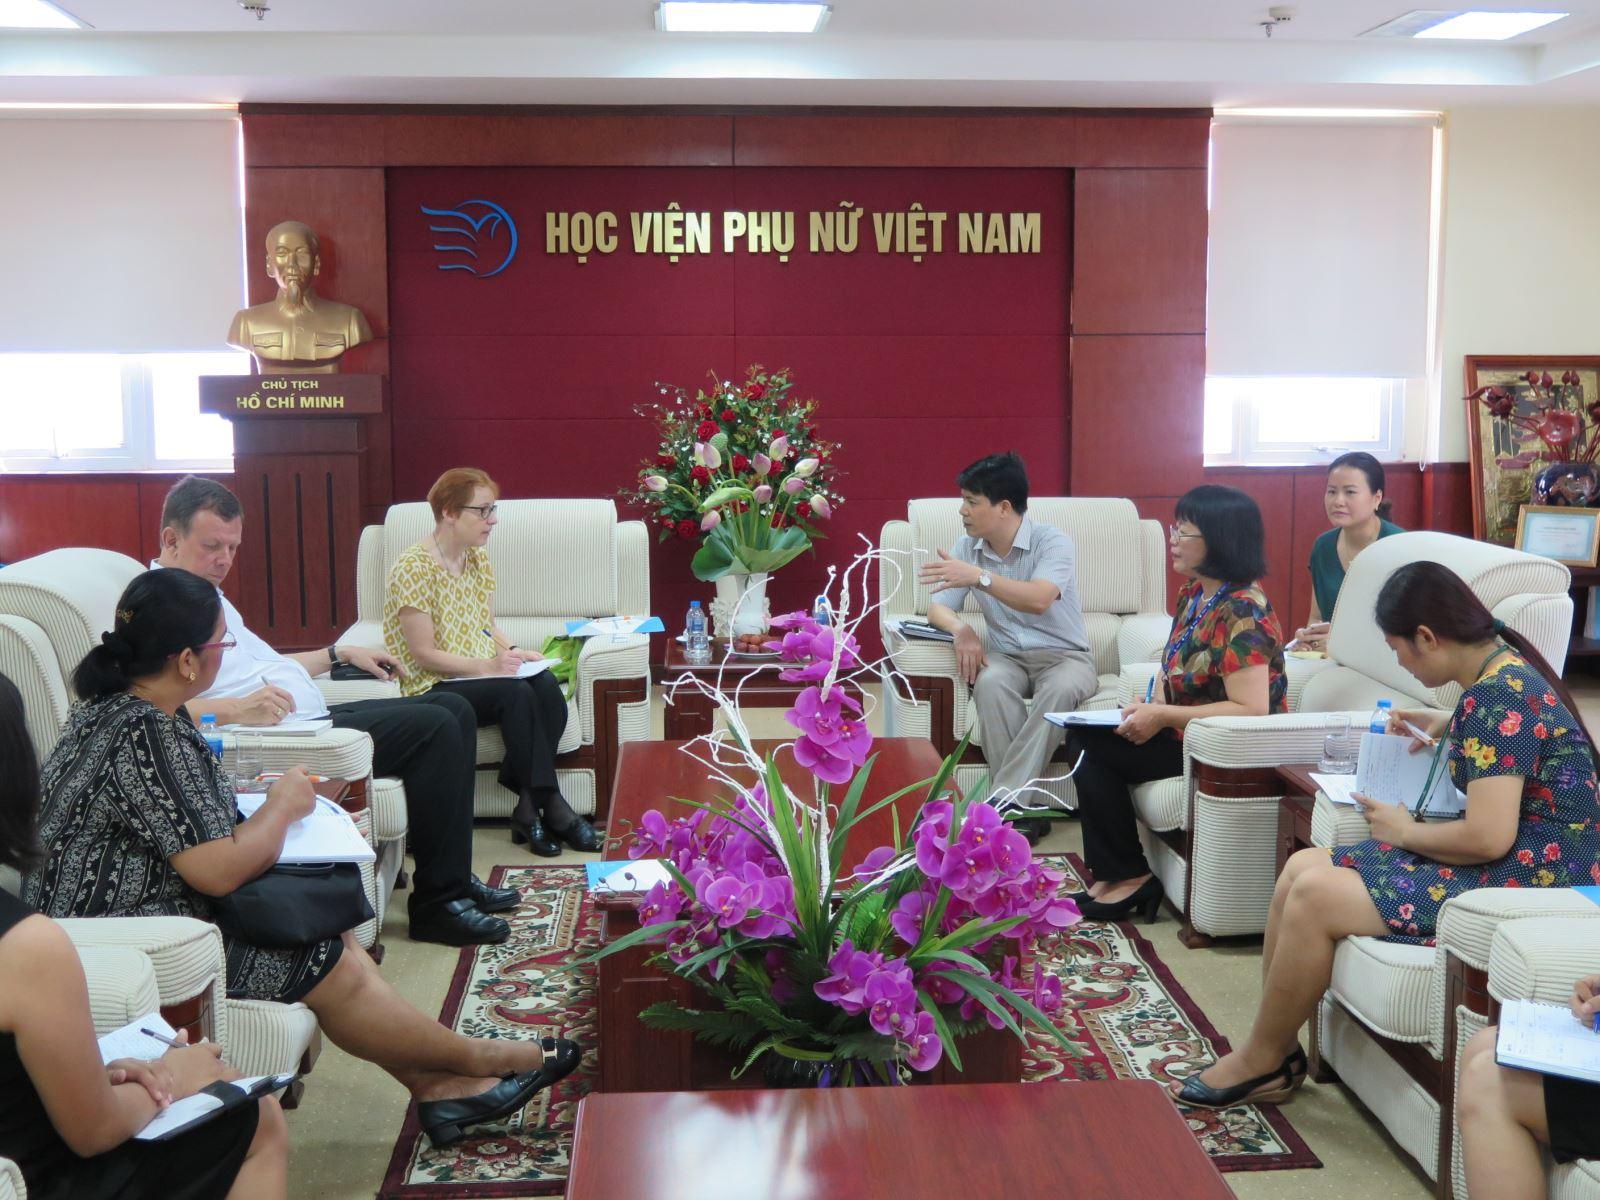 Học viện Phụ nữ Việt Nam làm việc với lãnh đạo tổ chức SBFIC và tổ chức CARD MRI